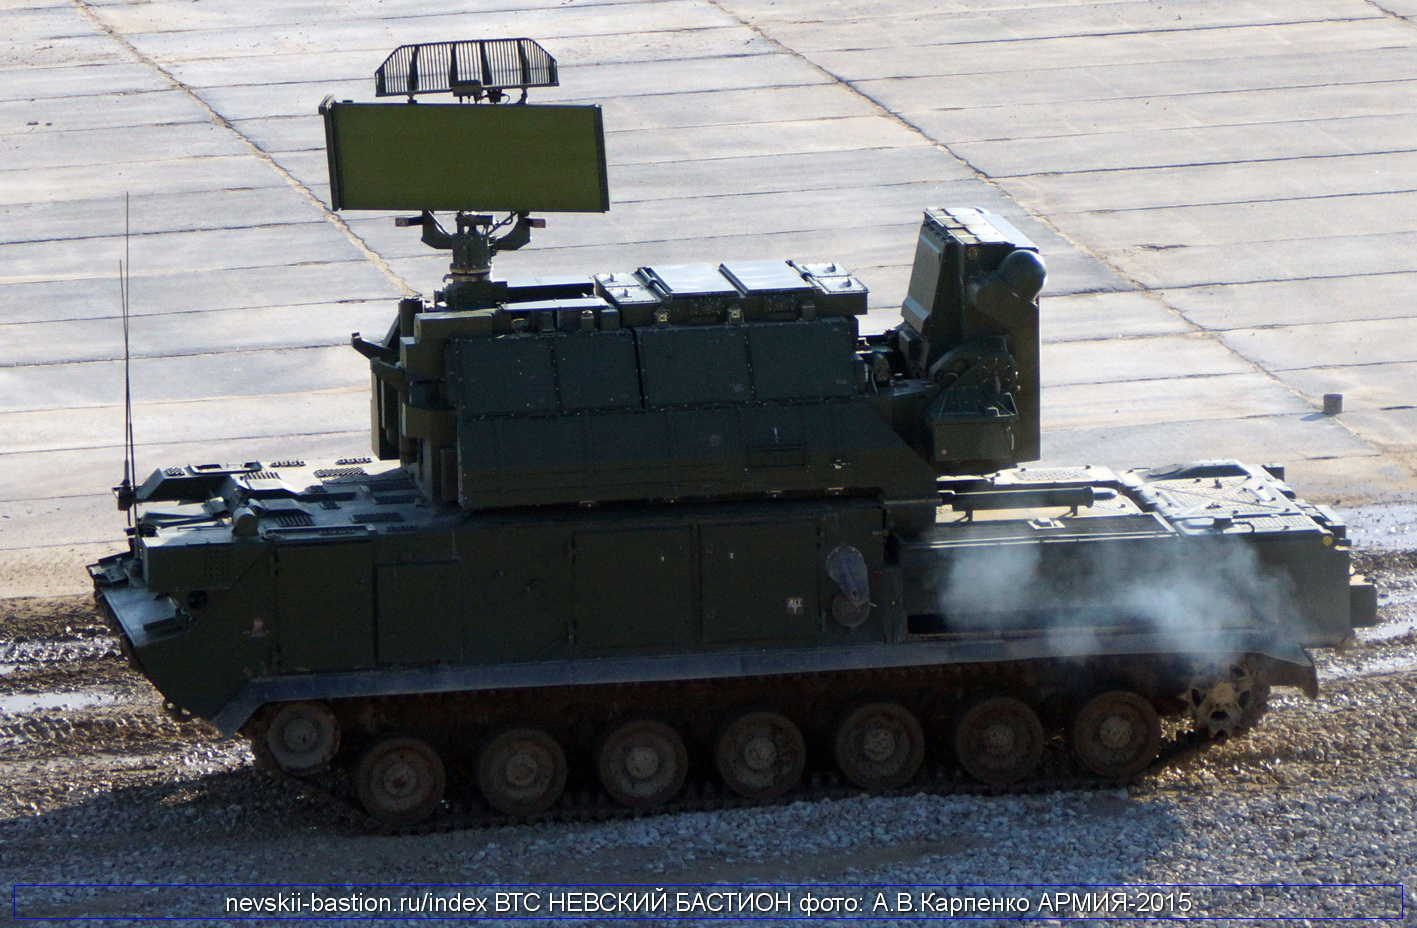 9м330 ракета